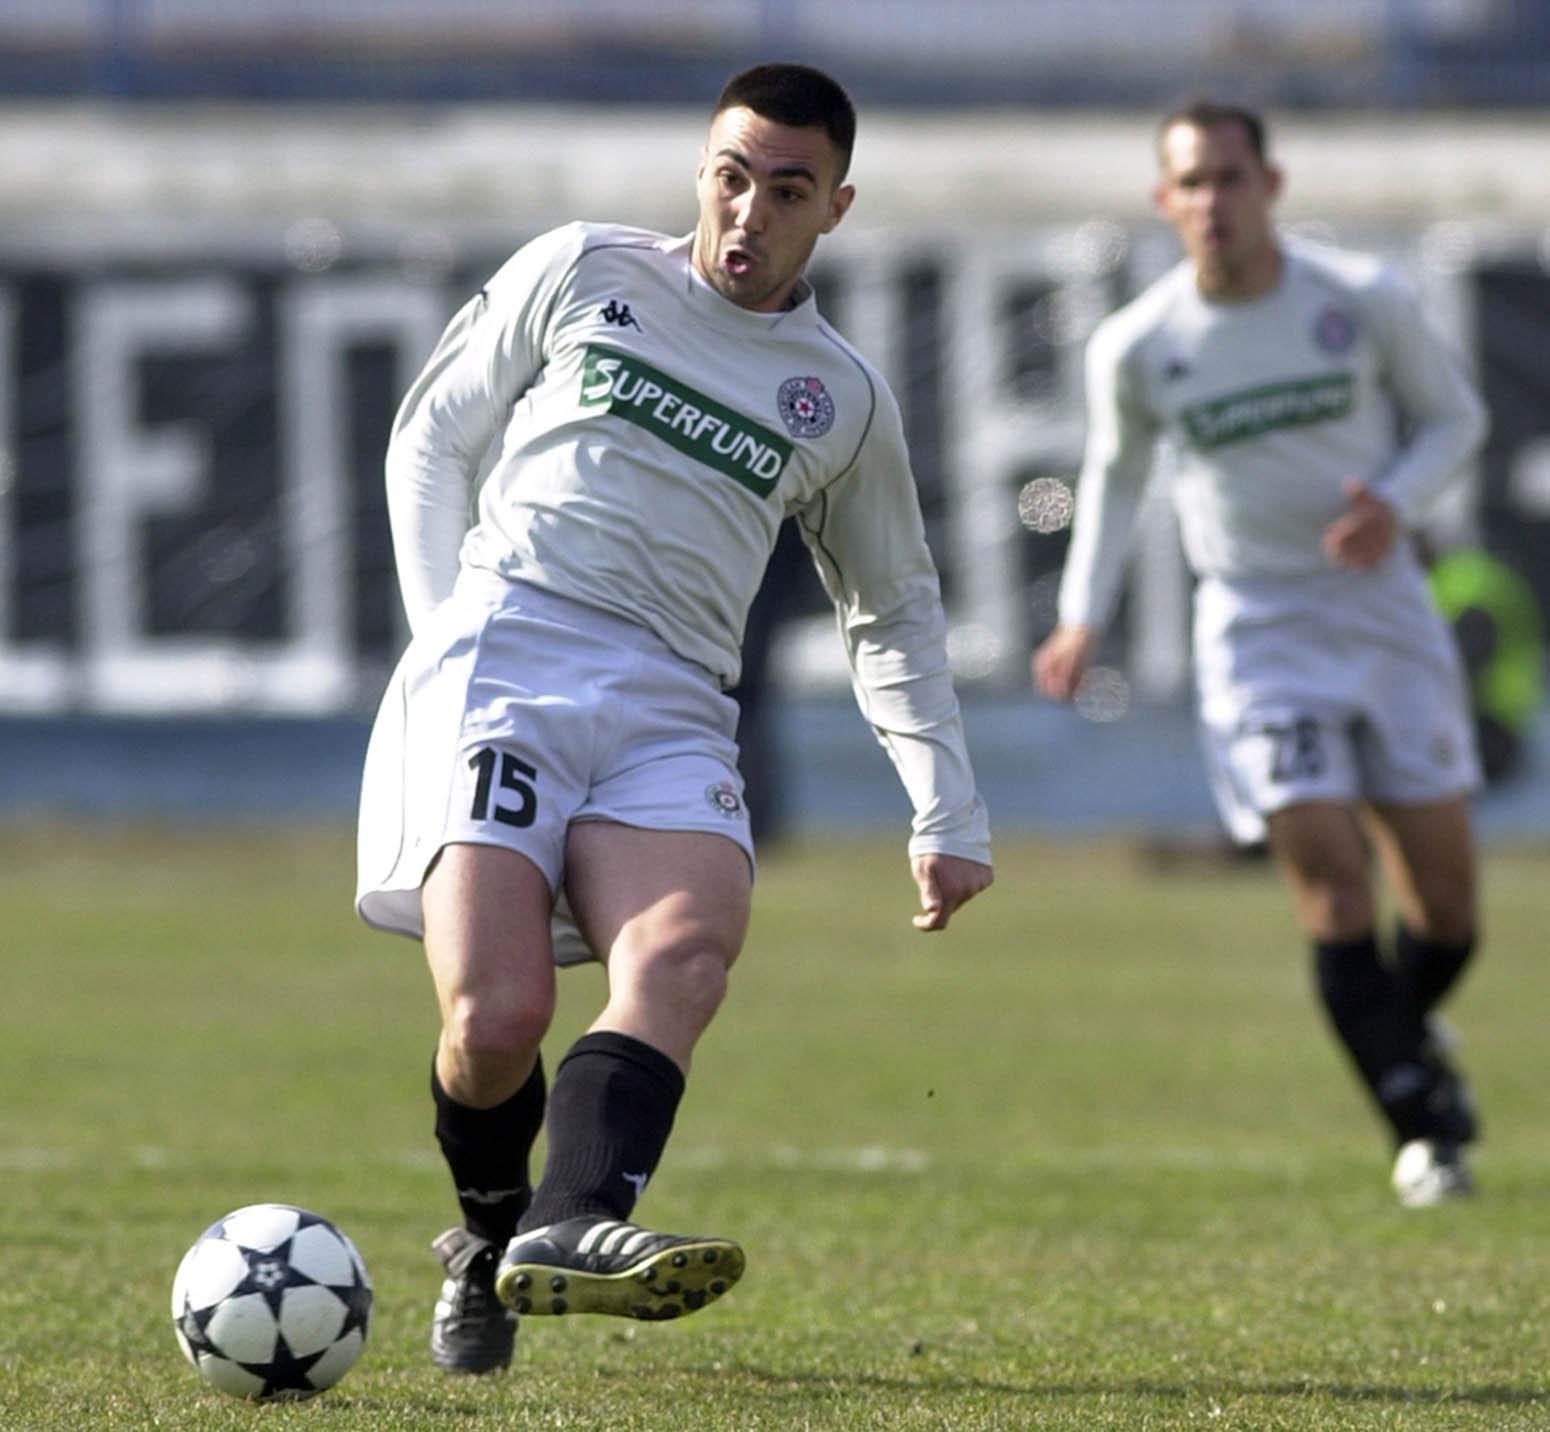 Fudbaler Nikola Malbaša dodaje loptu